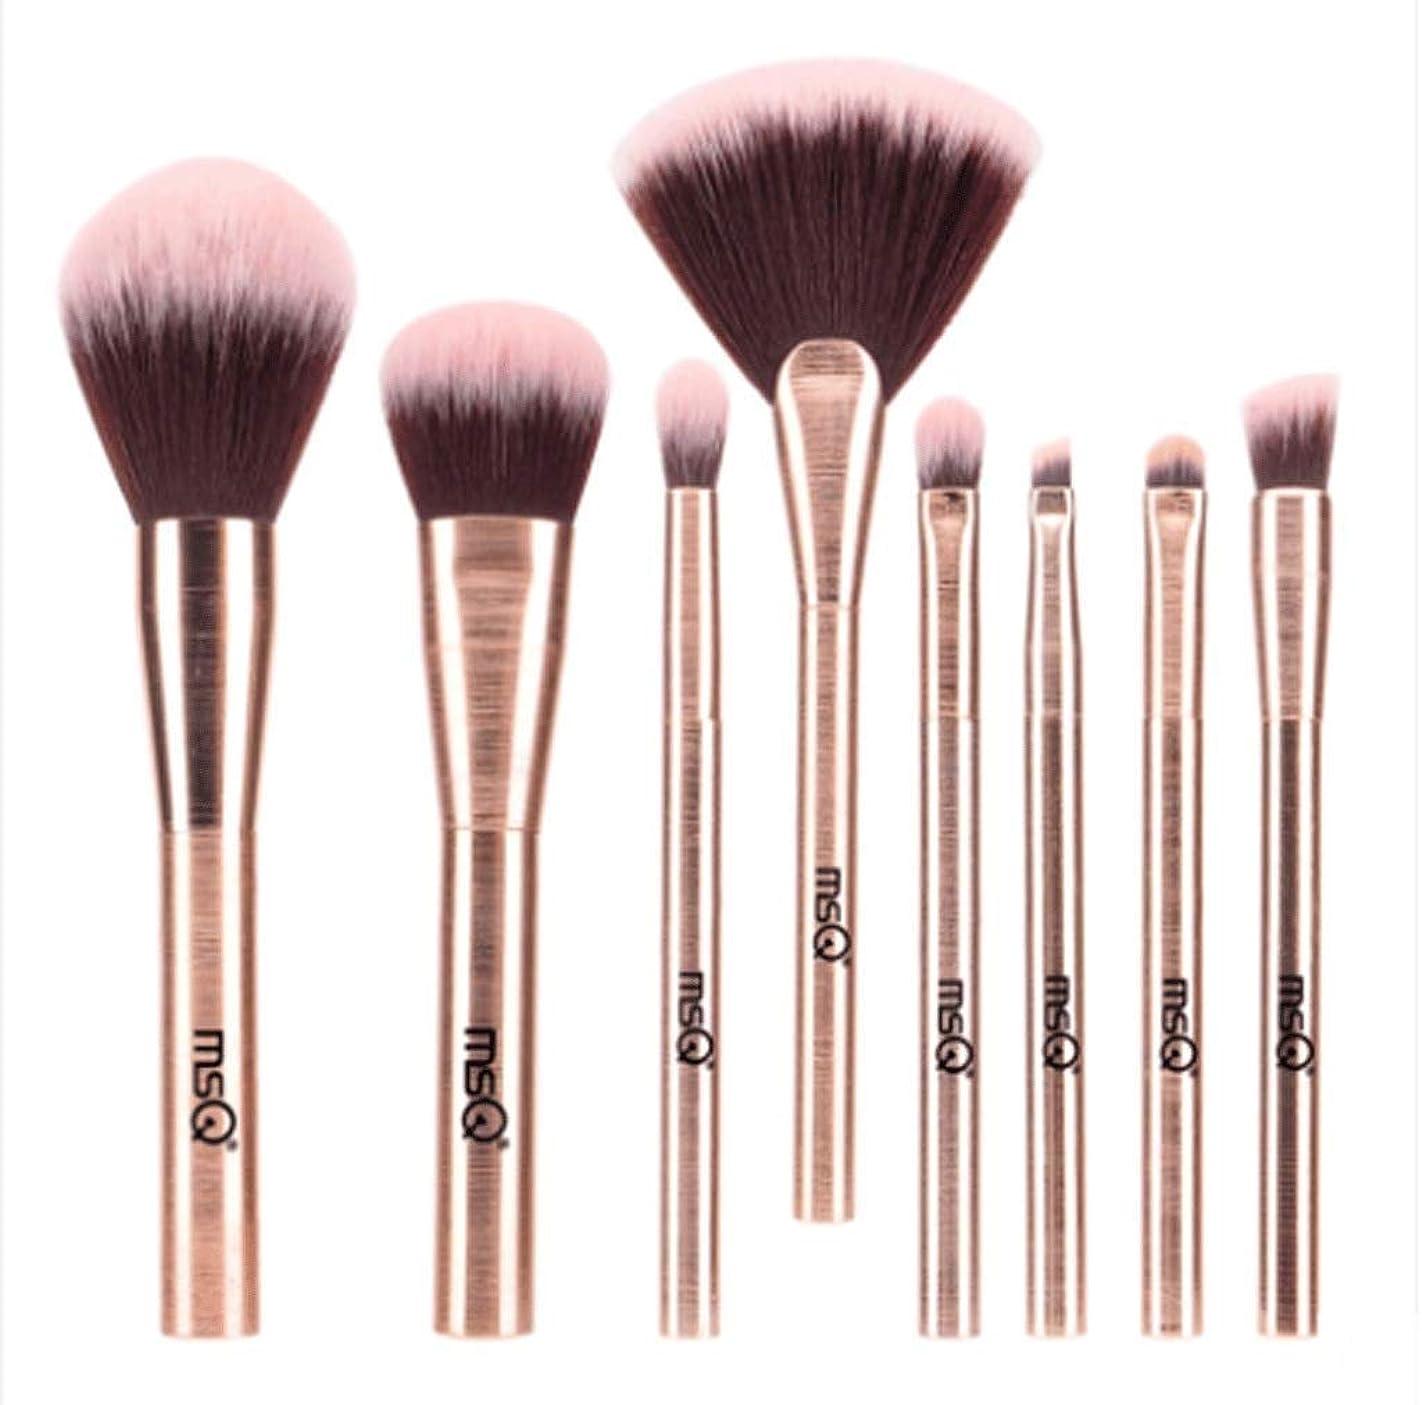 お別れいくつかの半ばMAKE-UP BRUSHES HOME 化粧ブラシ美容ブラシすべての粘り気のための美容ブラシ(パウダー、クリームと液体)